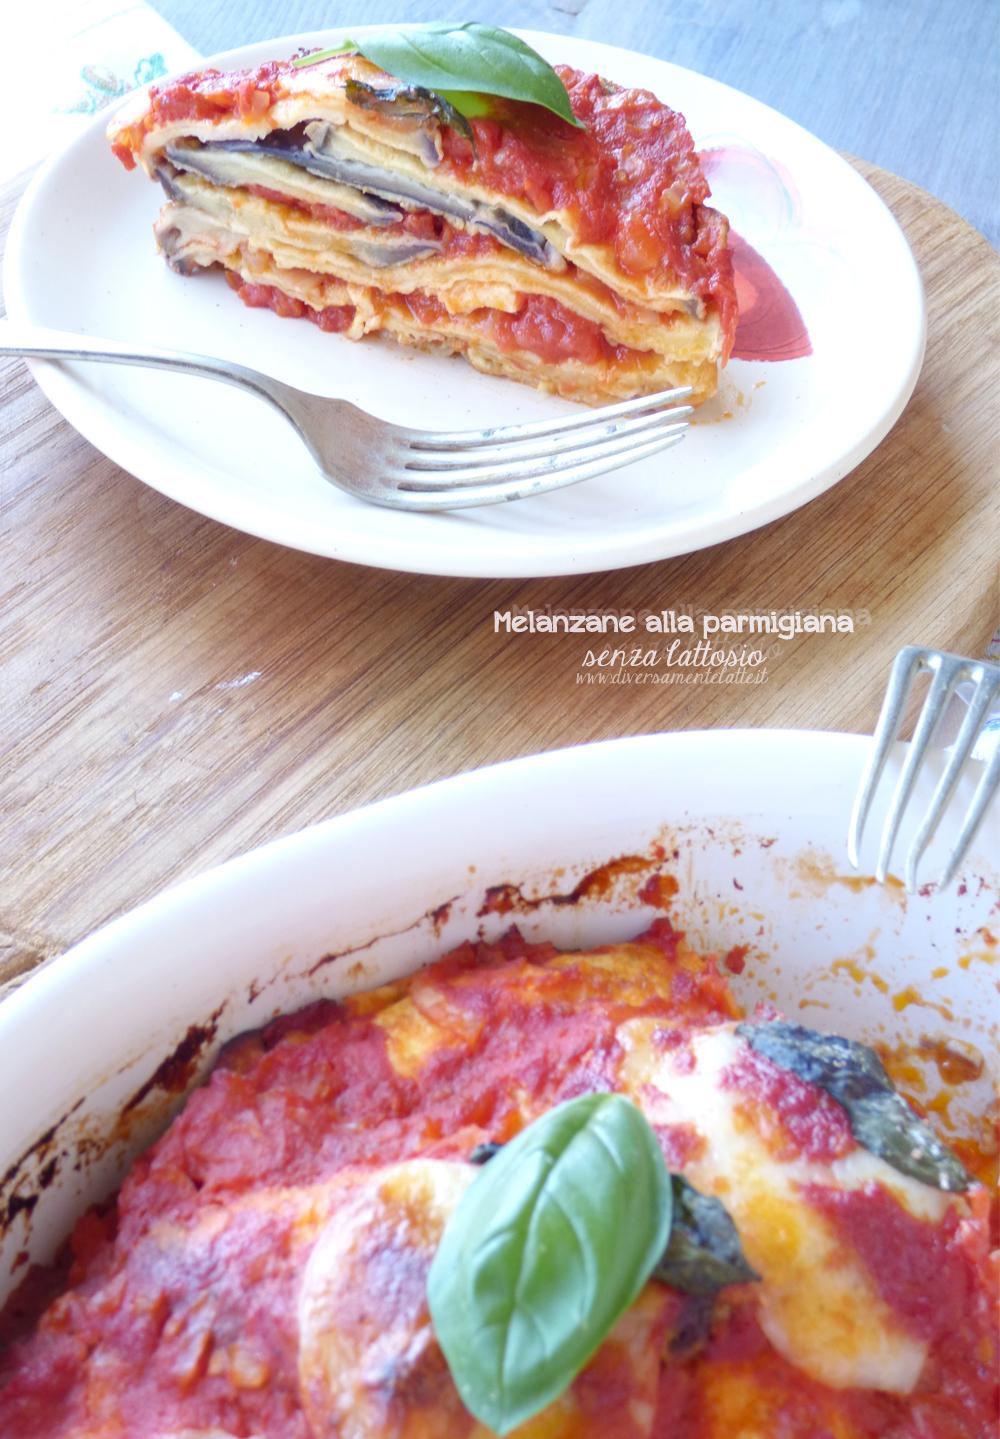 melanzane alla parmigiana lactose free